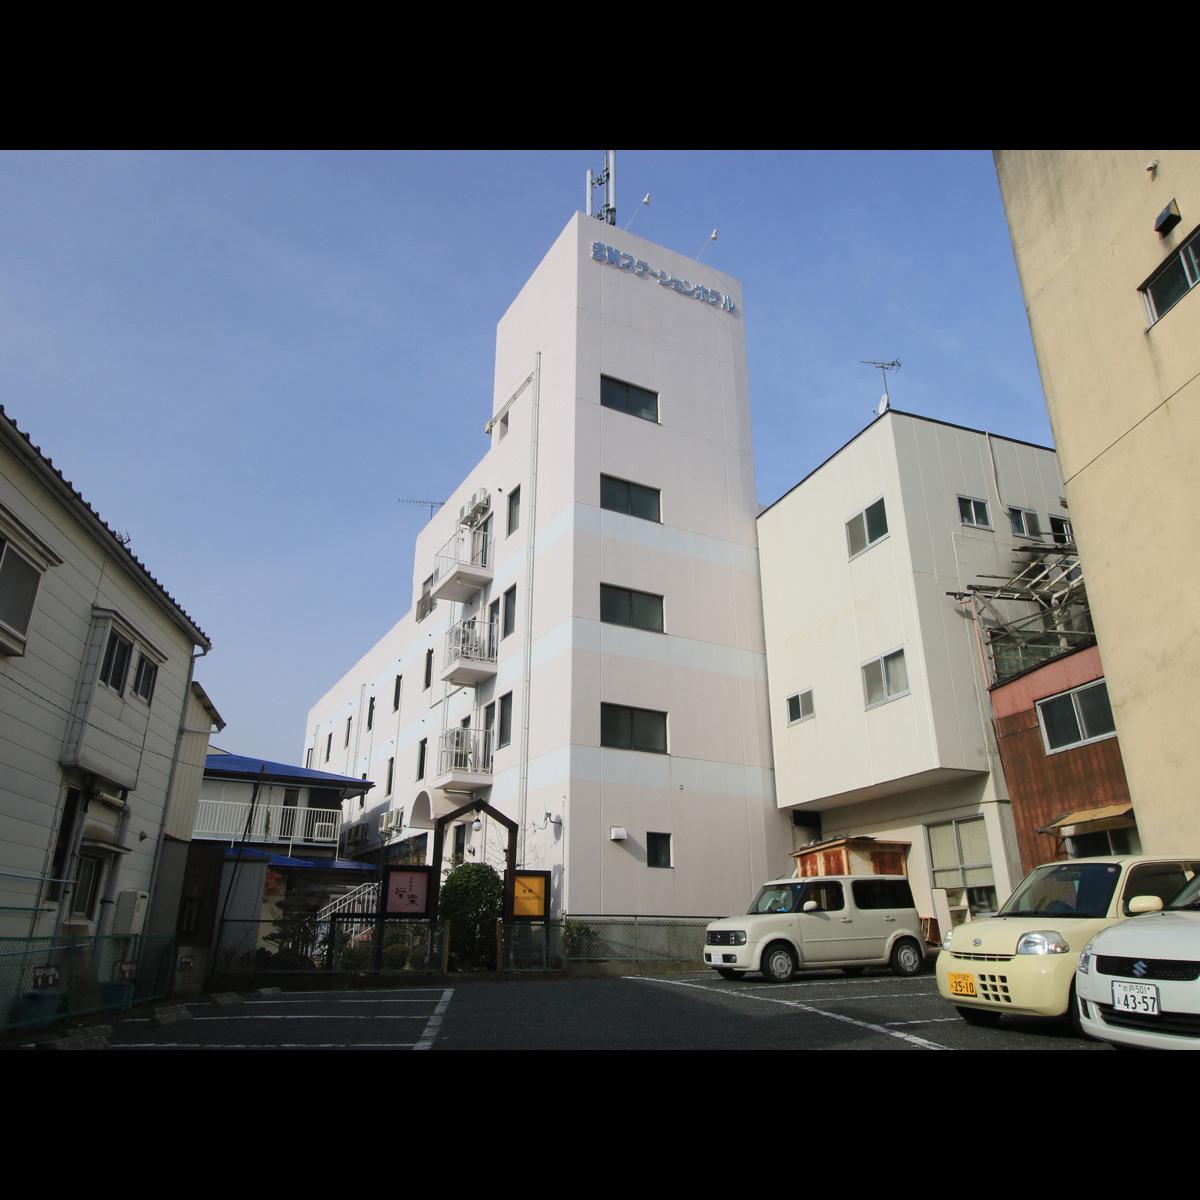 多賀ステーションホテル 関連画像 3枚目 楽天トラベル提供